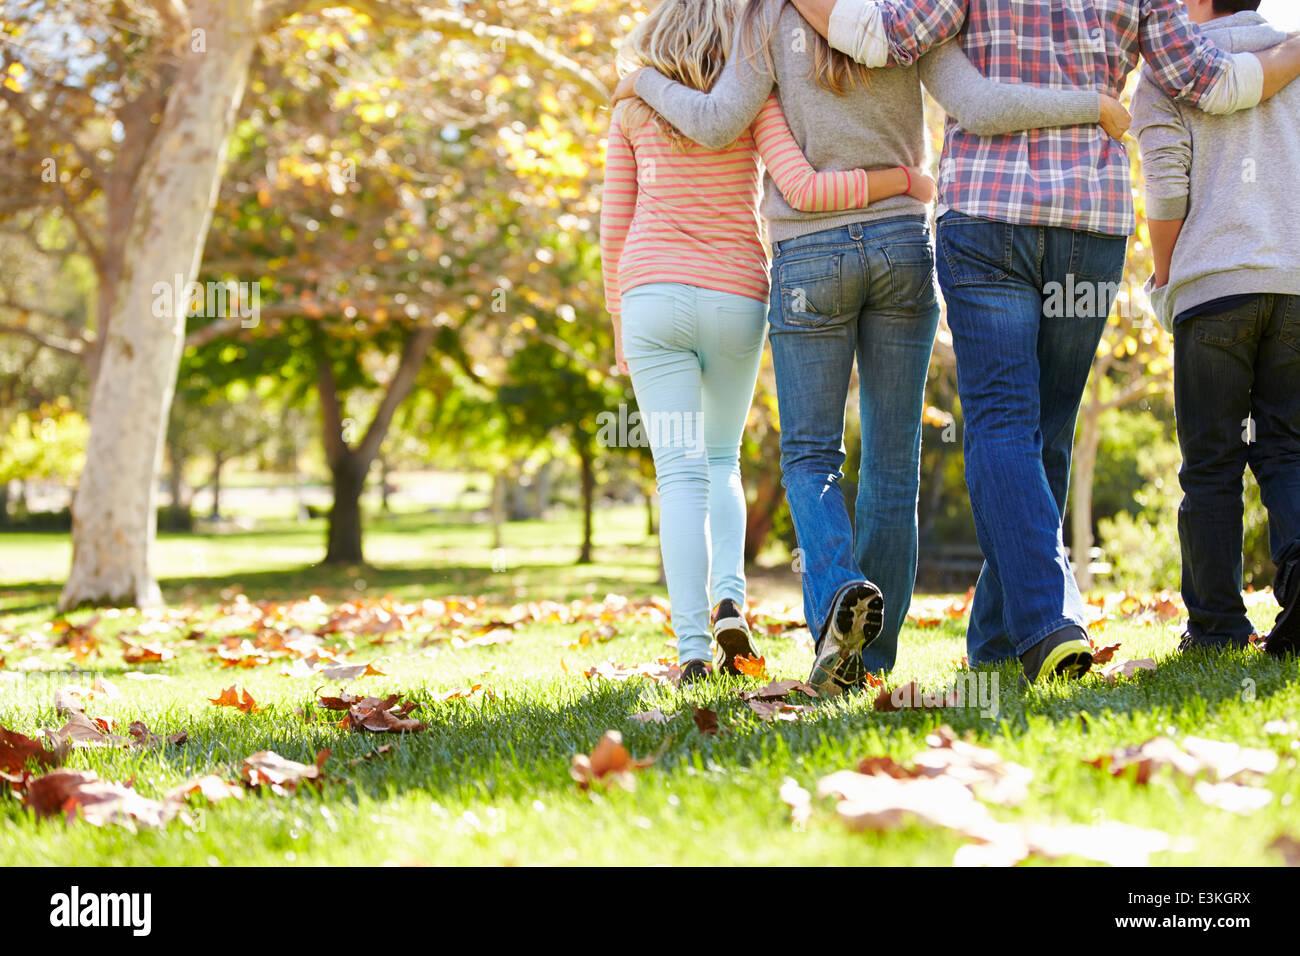 Vista trasera de la familia caminando a través del bosque de Otoño Foto de stock